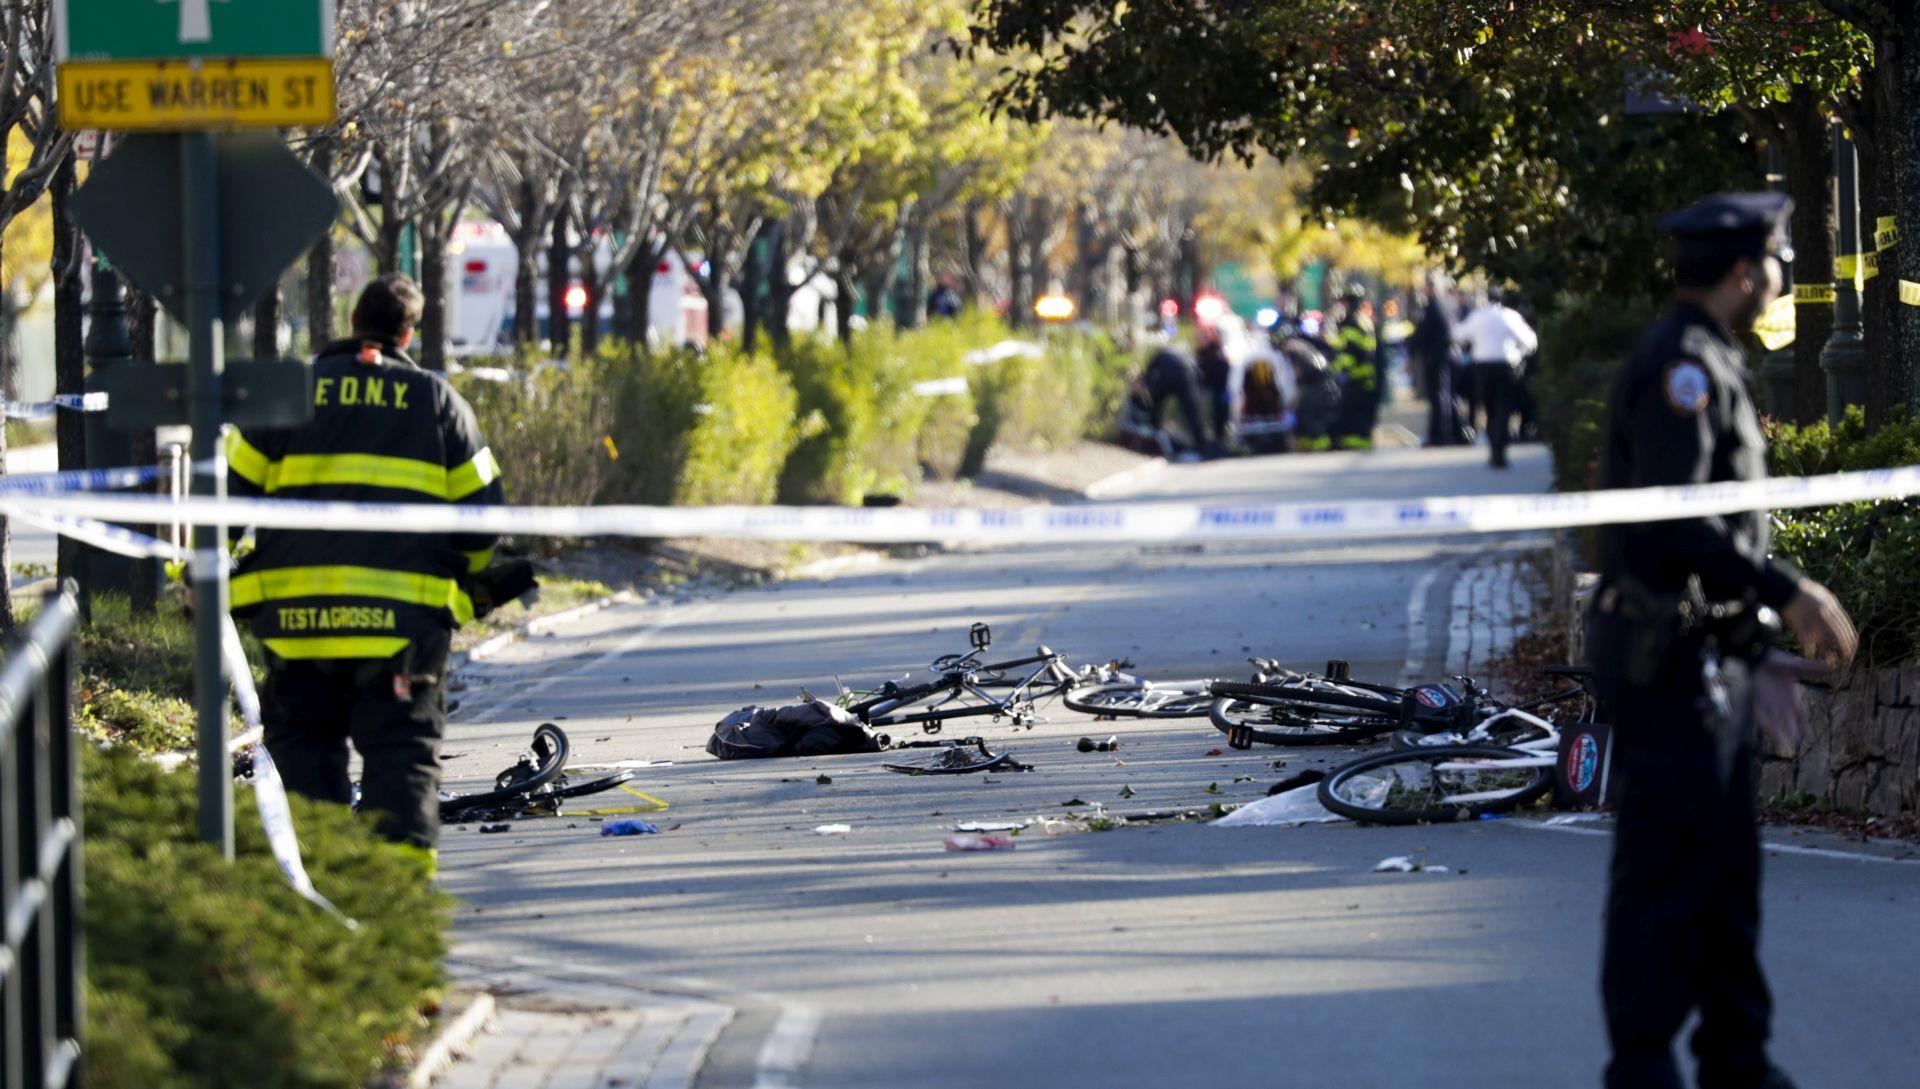 TERORISTIČKI NAPAD U NEW YORKU Kamionetom se zabio u gomilu, najmanje osam mrtvih